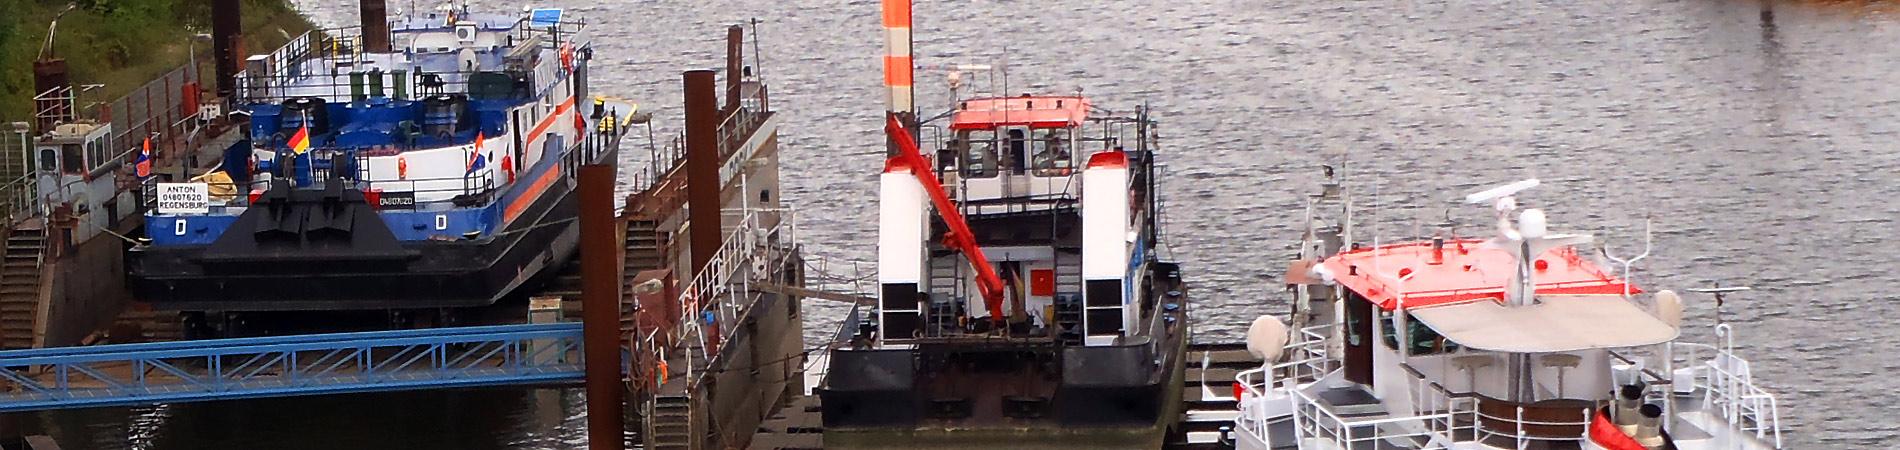 Meidericher Schiffswerft MSW Duisburg - Leistungen